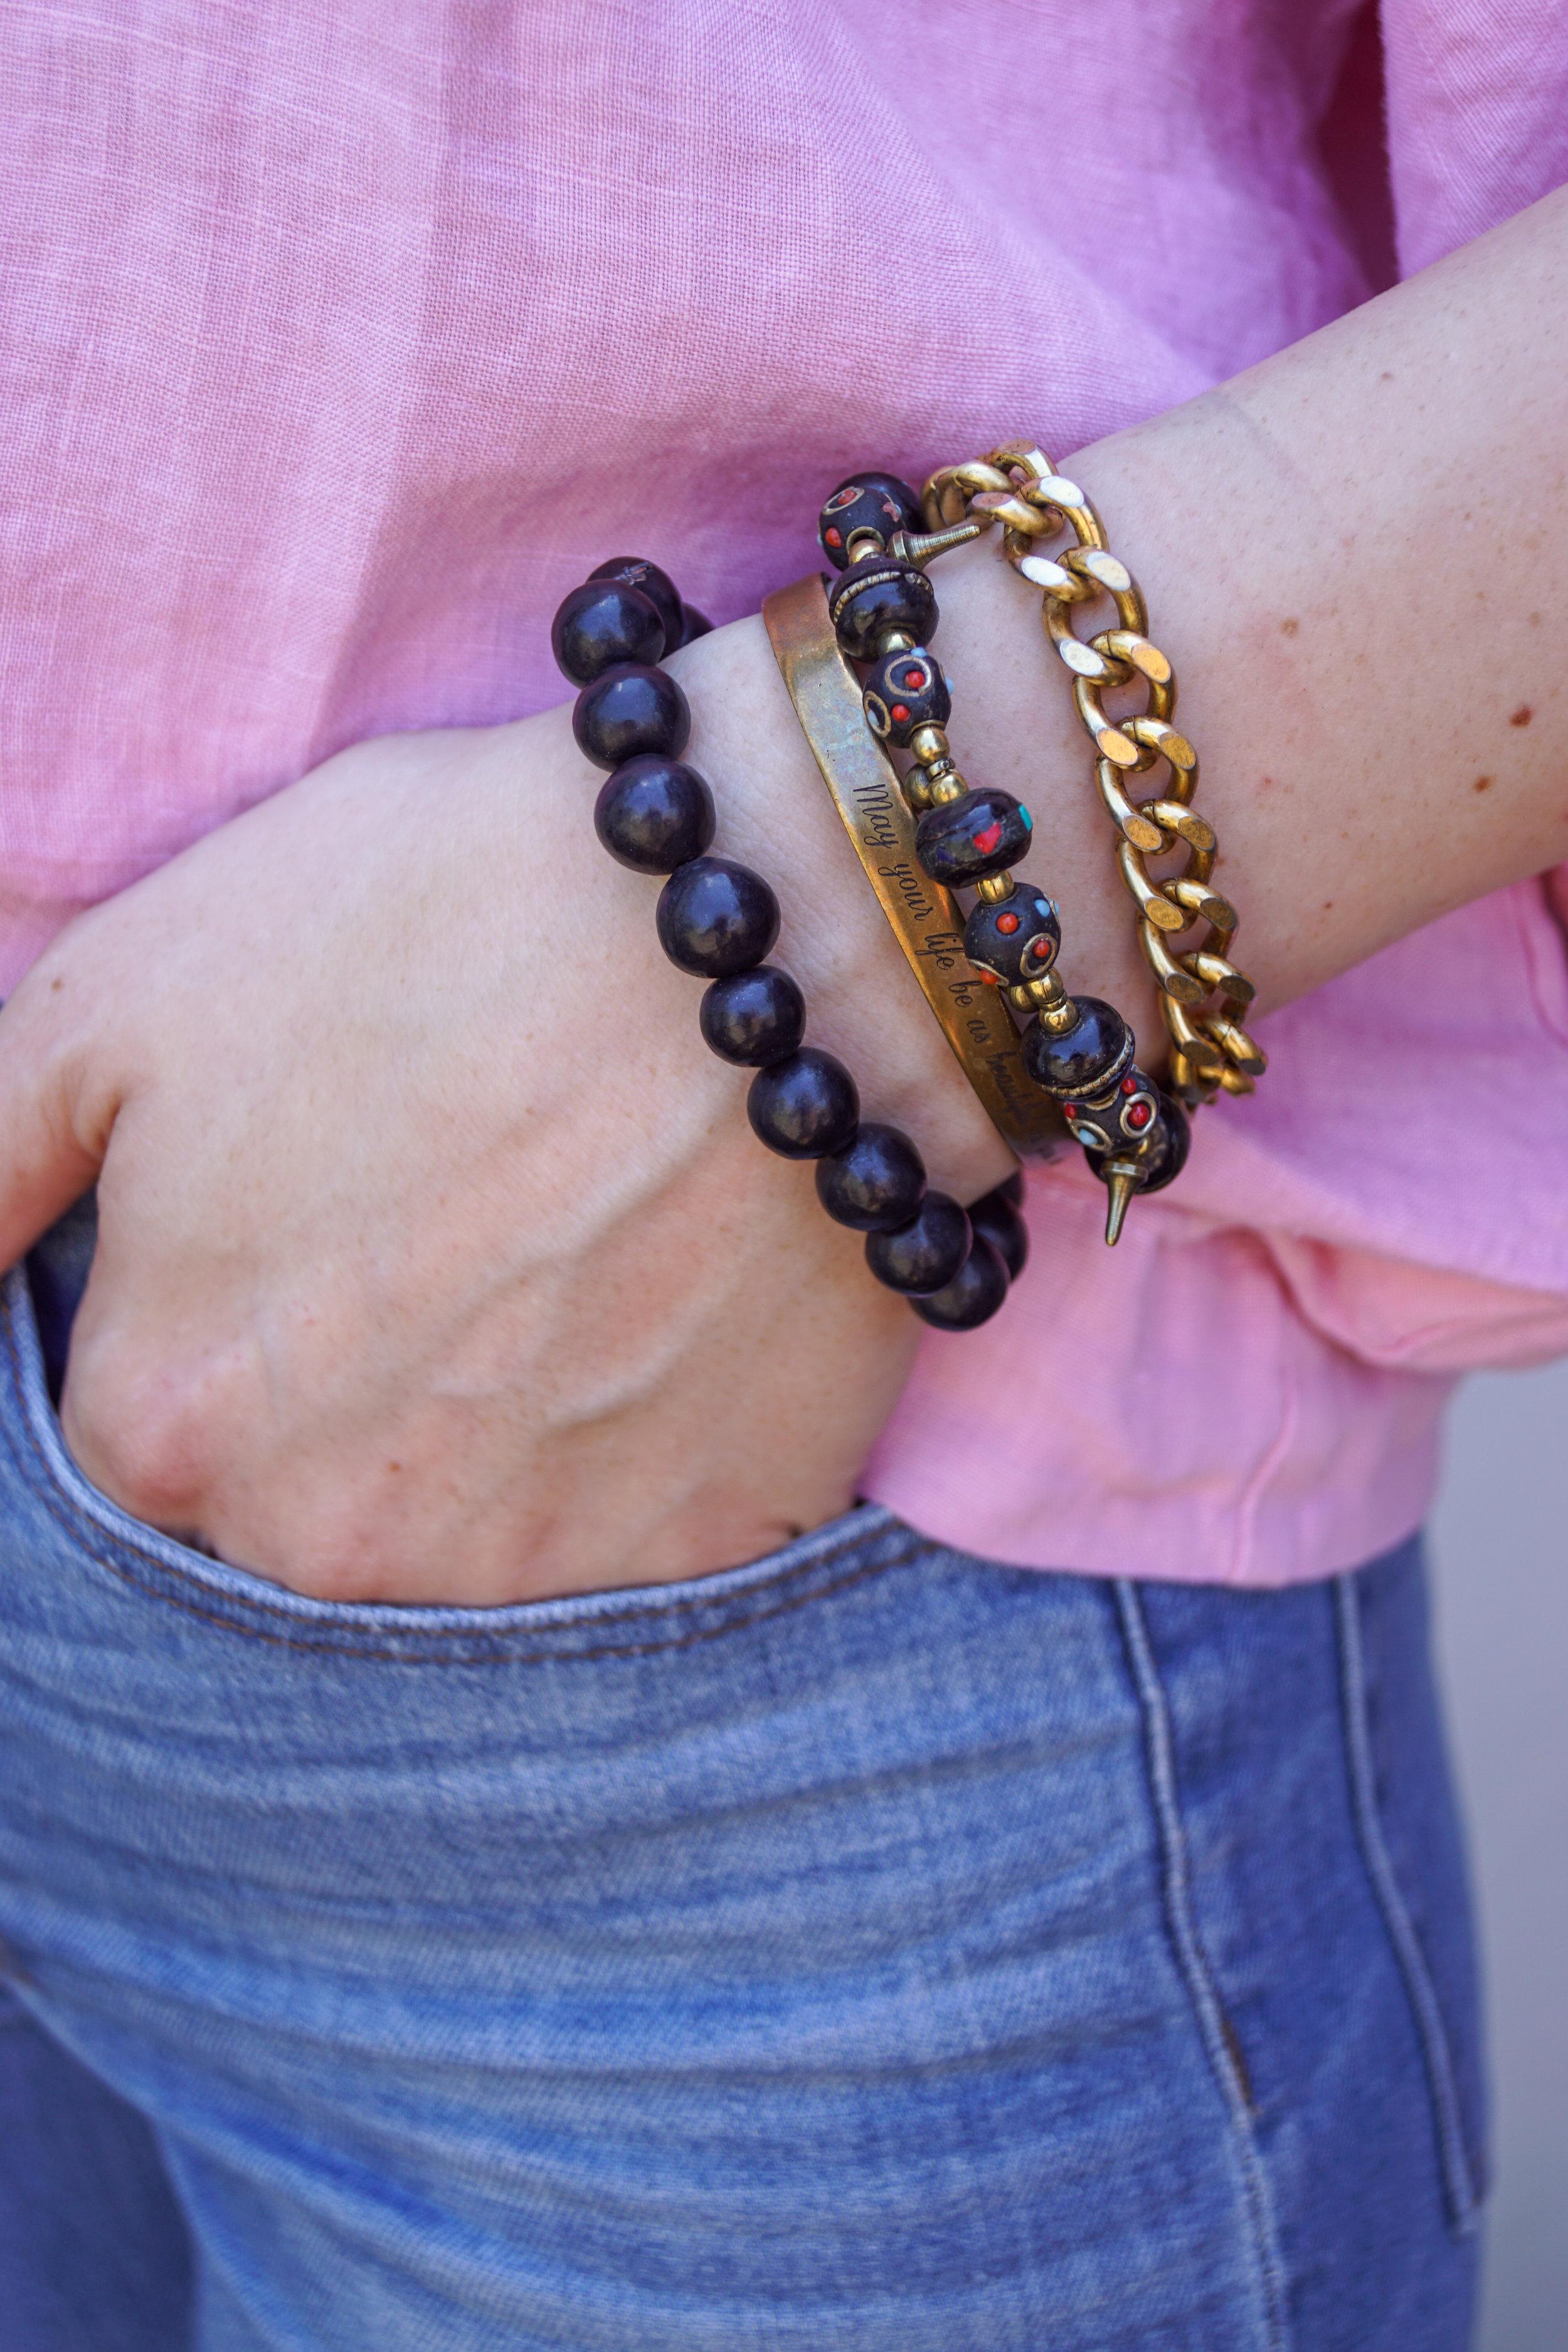 Black pottery bead bracelet from Oaxaca, Mexico